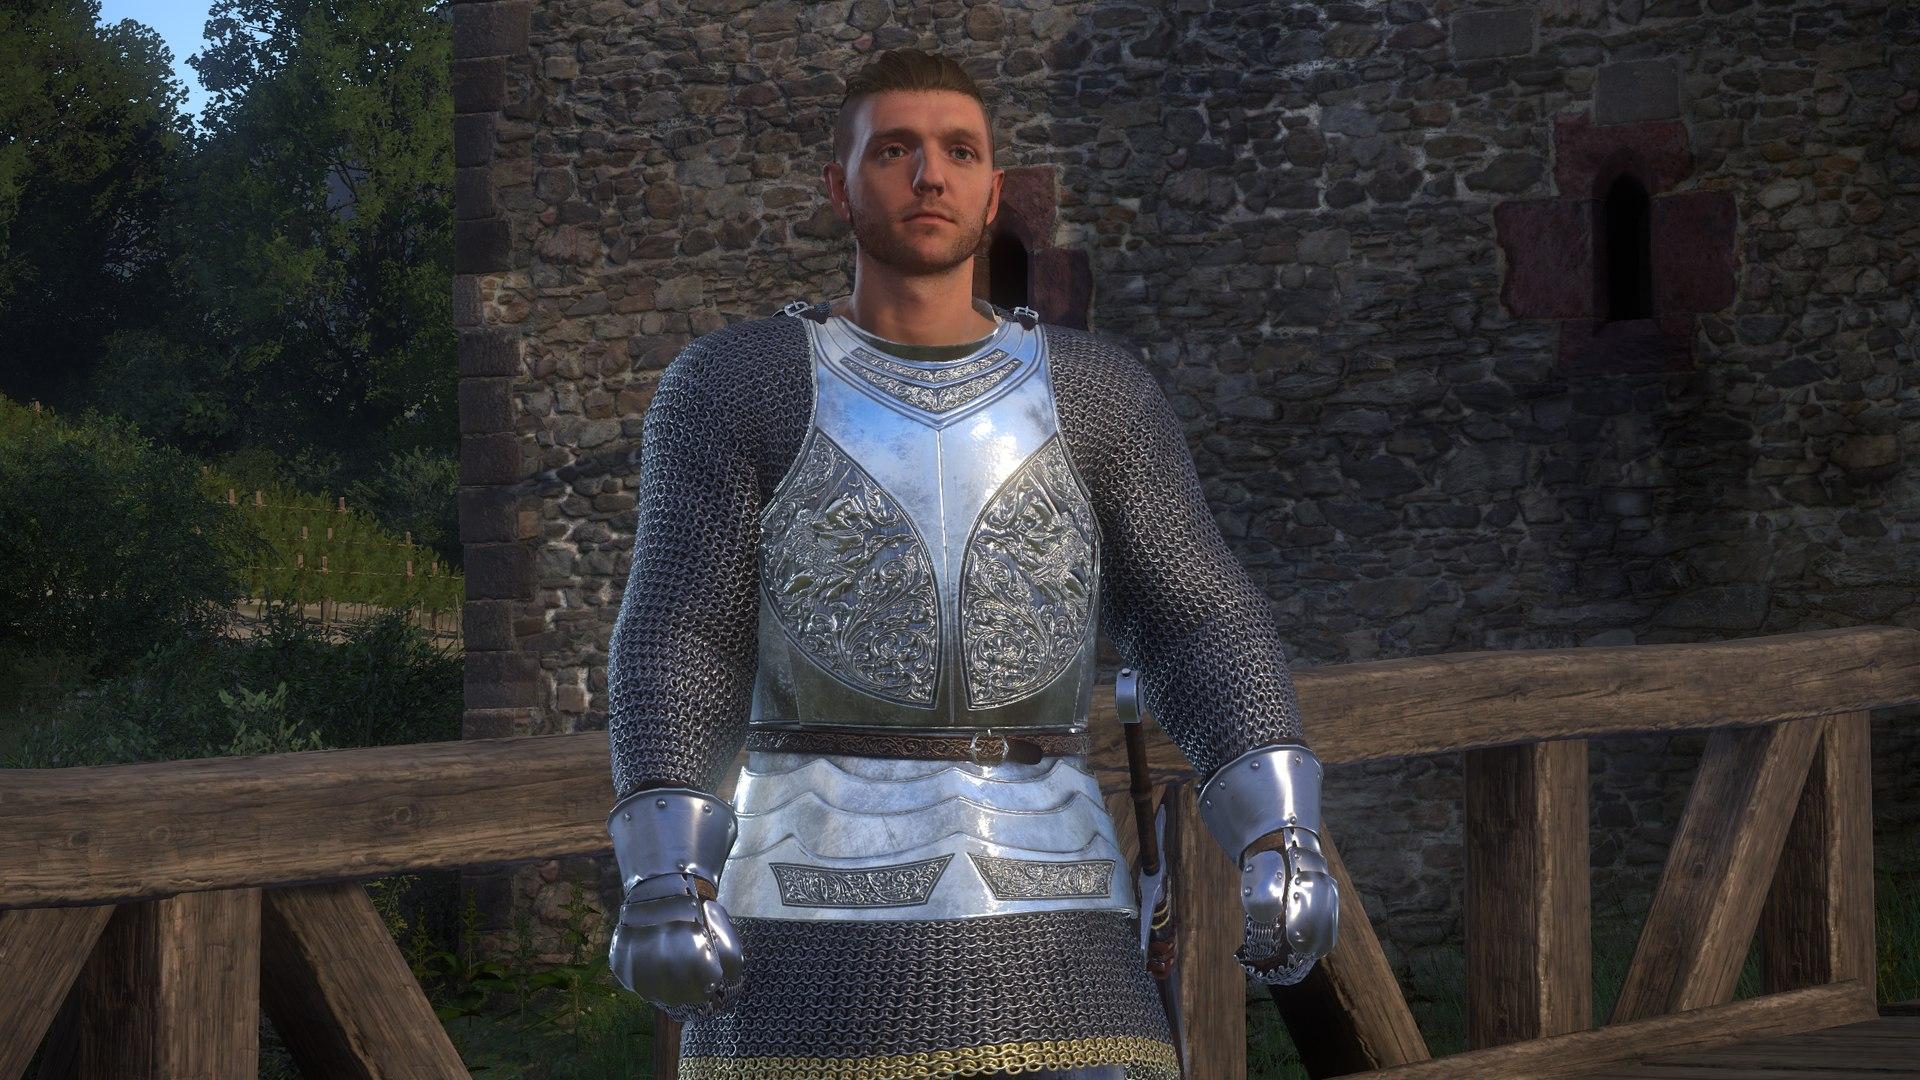 SPOA Silver Knight Armor for KCD - Modding - Kingdom Come